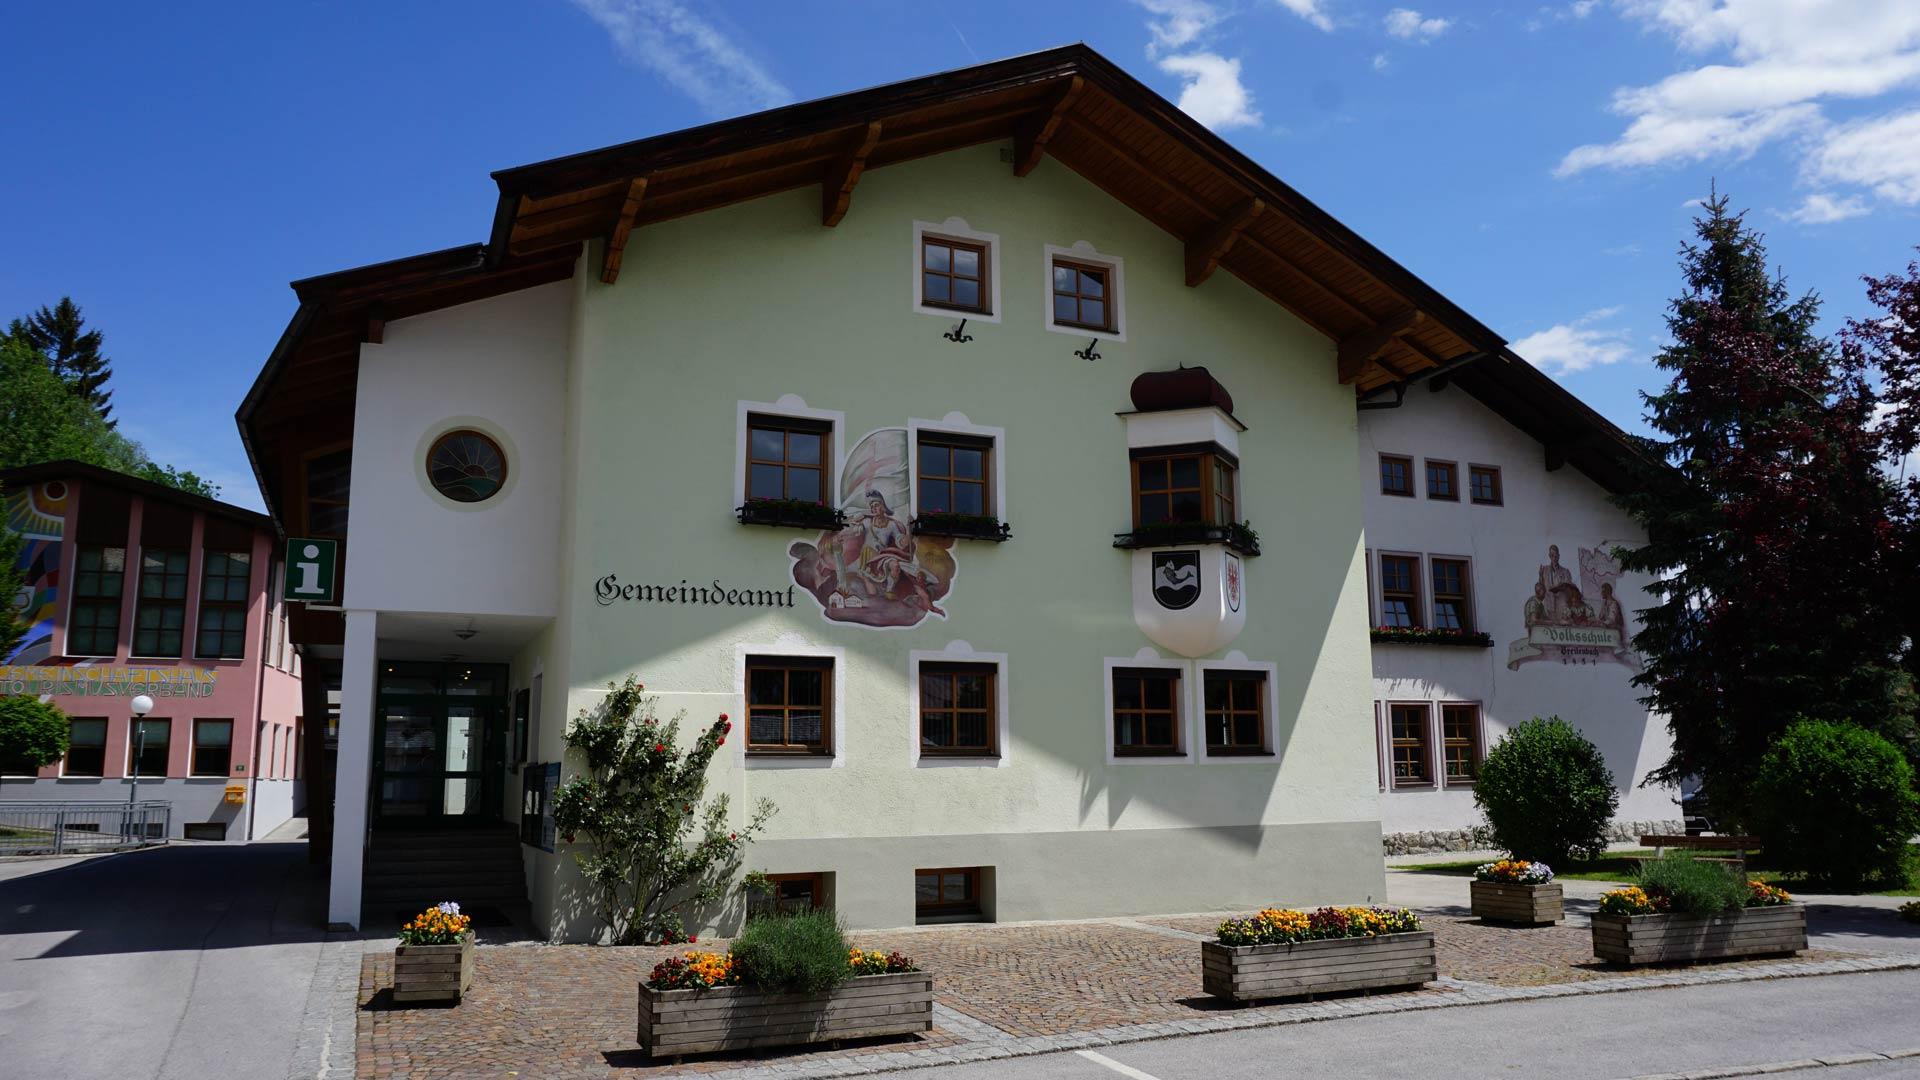 Dating kostenlos in breitenbach am inn Bad zell partnersuche